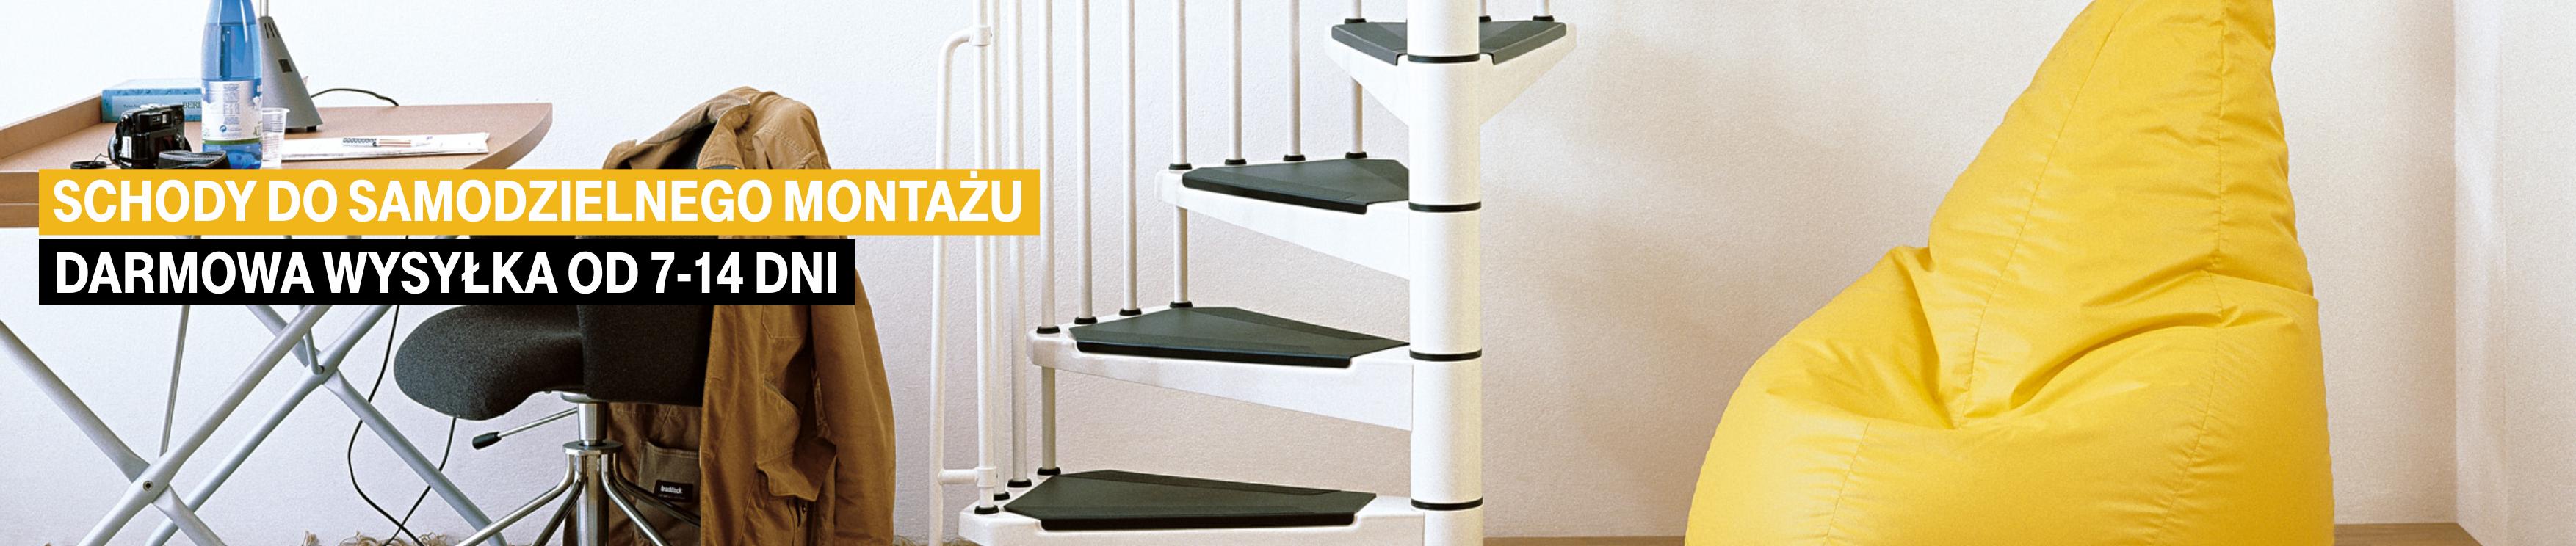 schody-do-samodzielnego